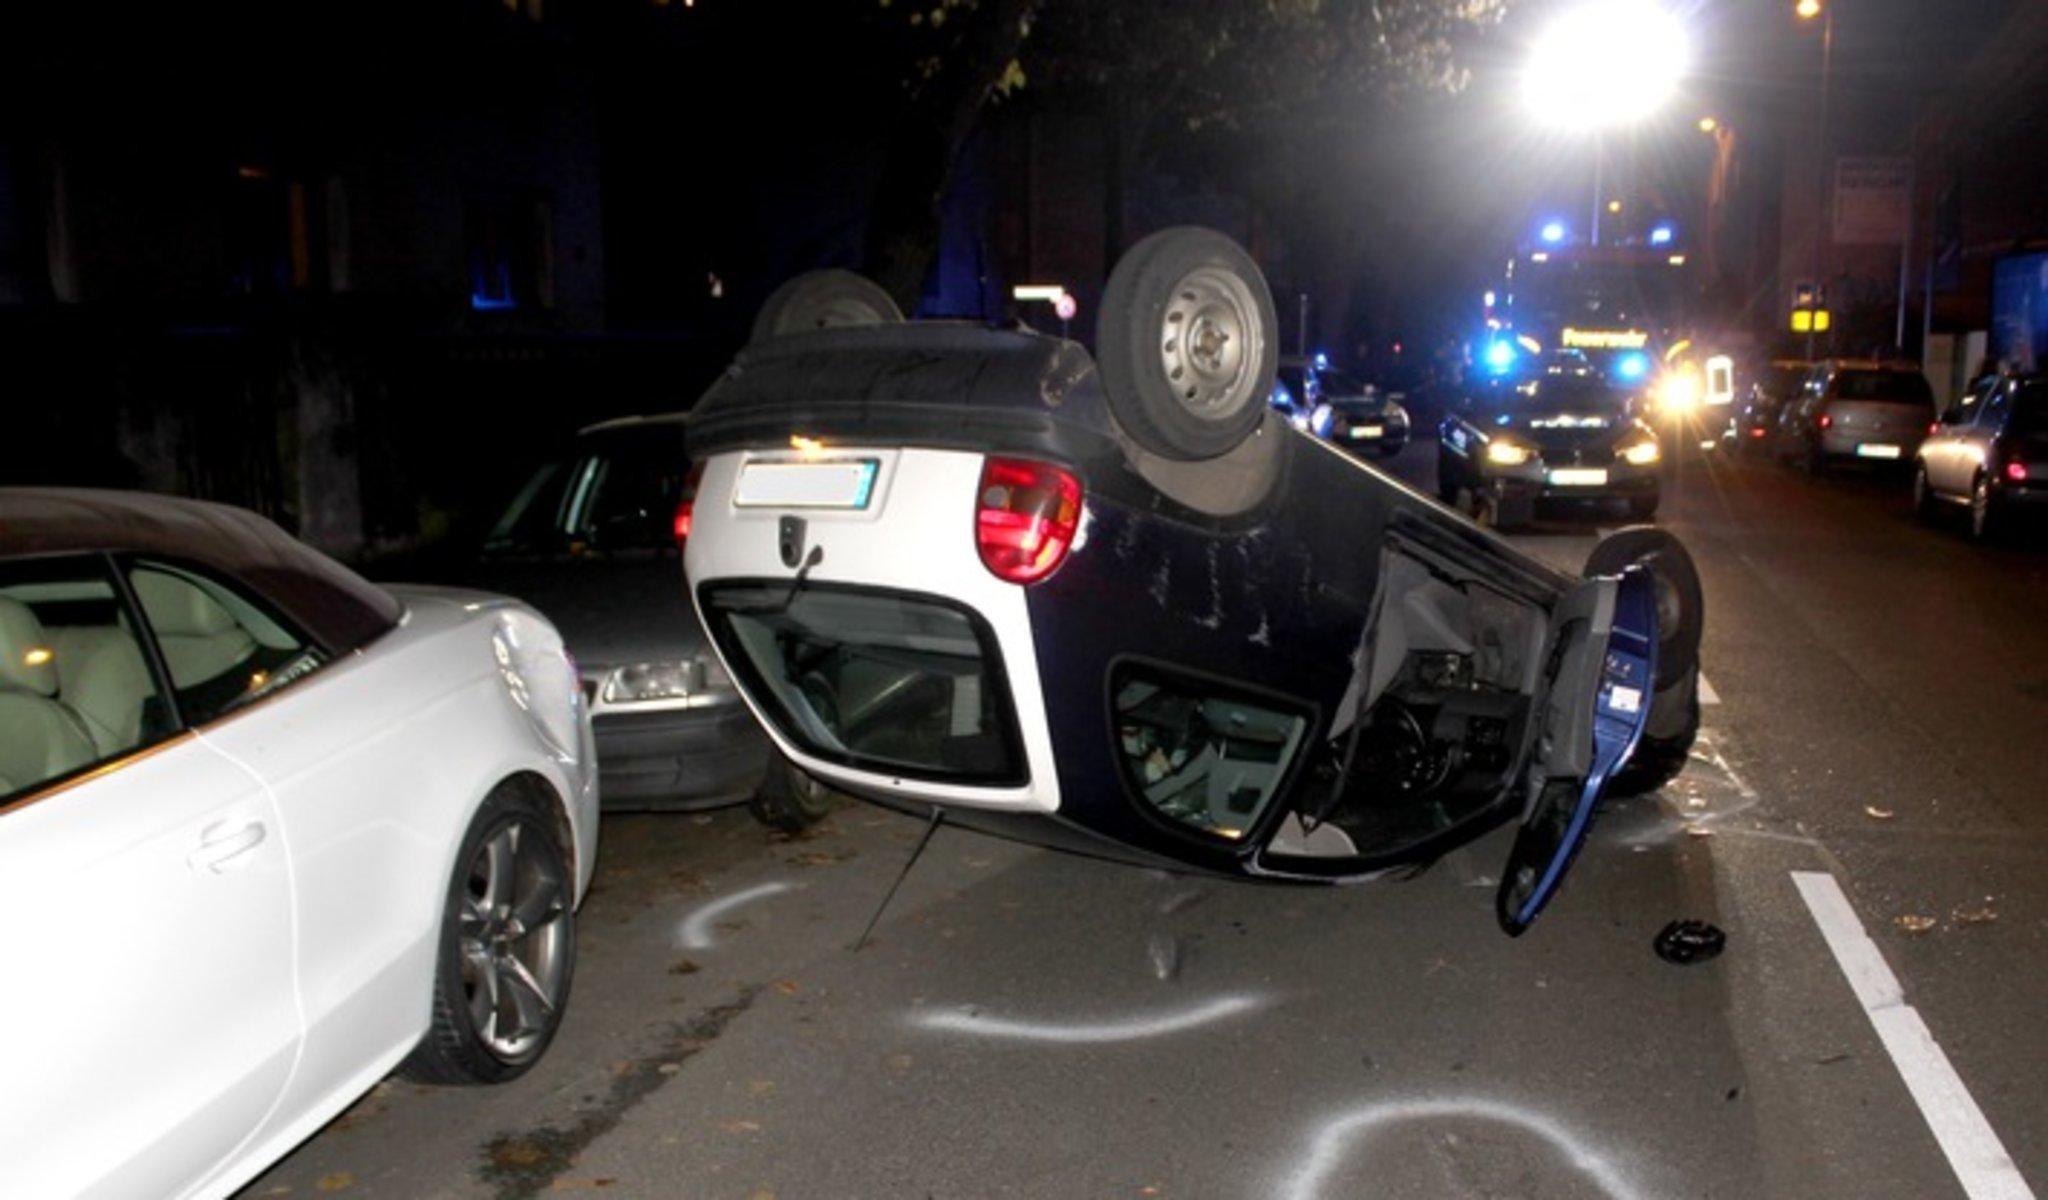 Auto überschlägt sich bei Unfall, Fahrerin ohne gültige Fahrerlaubnis - Lokalkompass.de